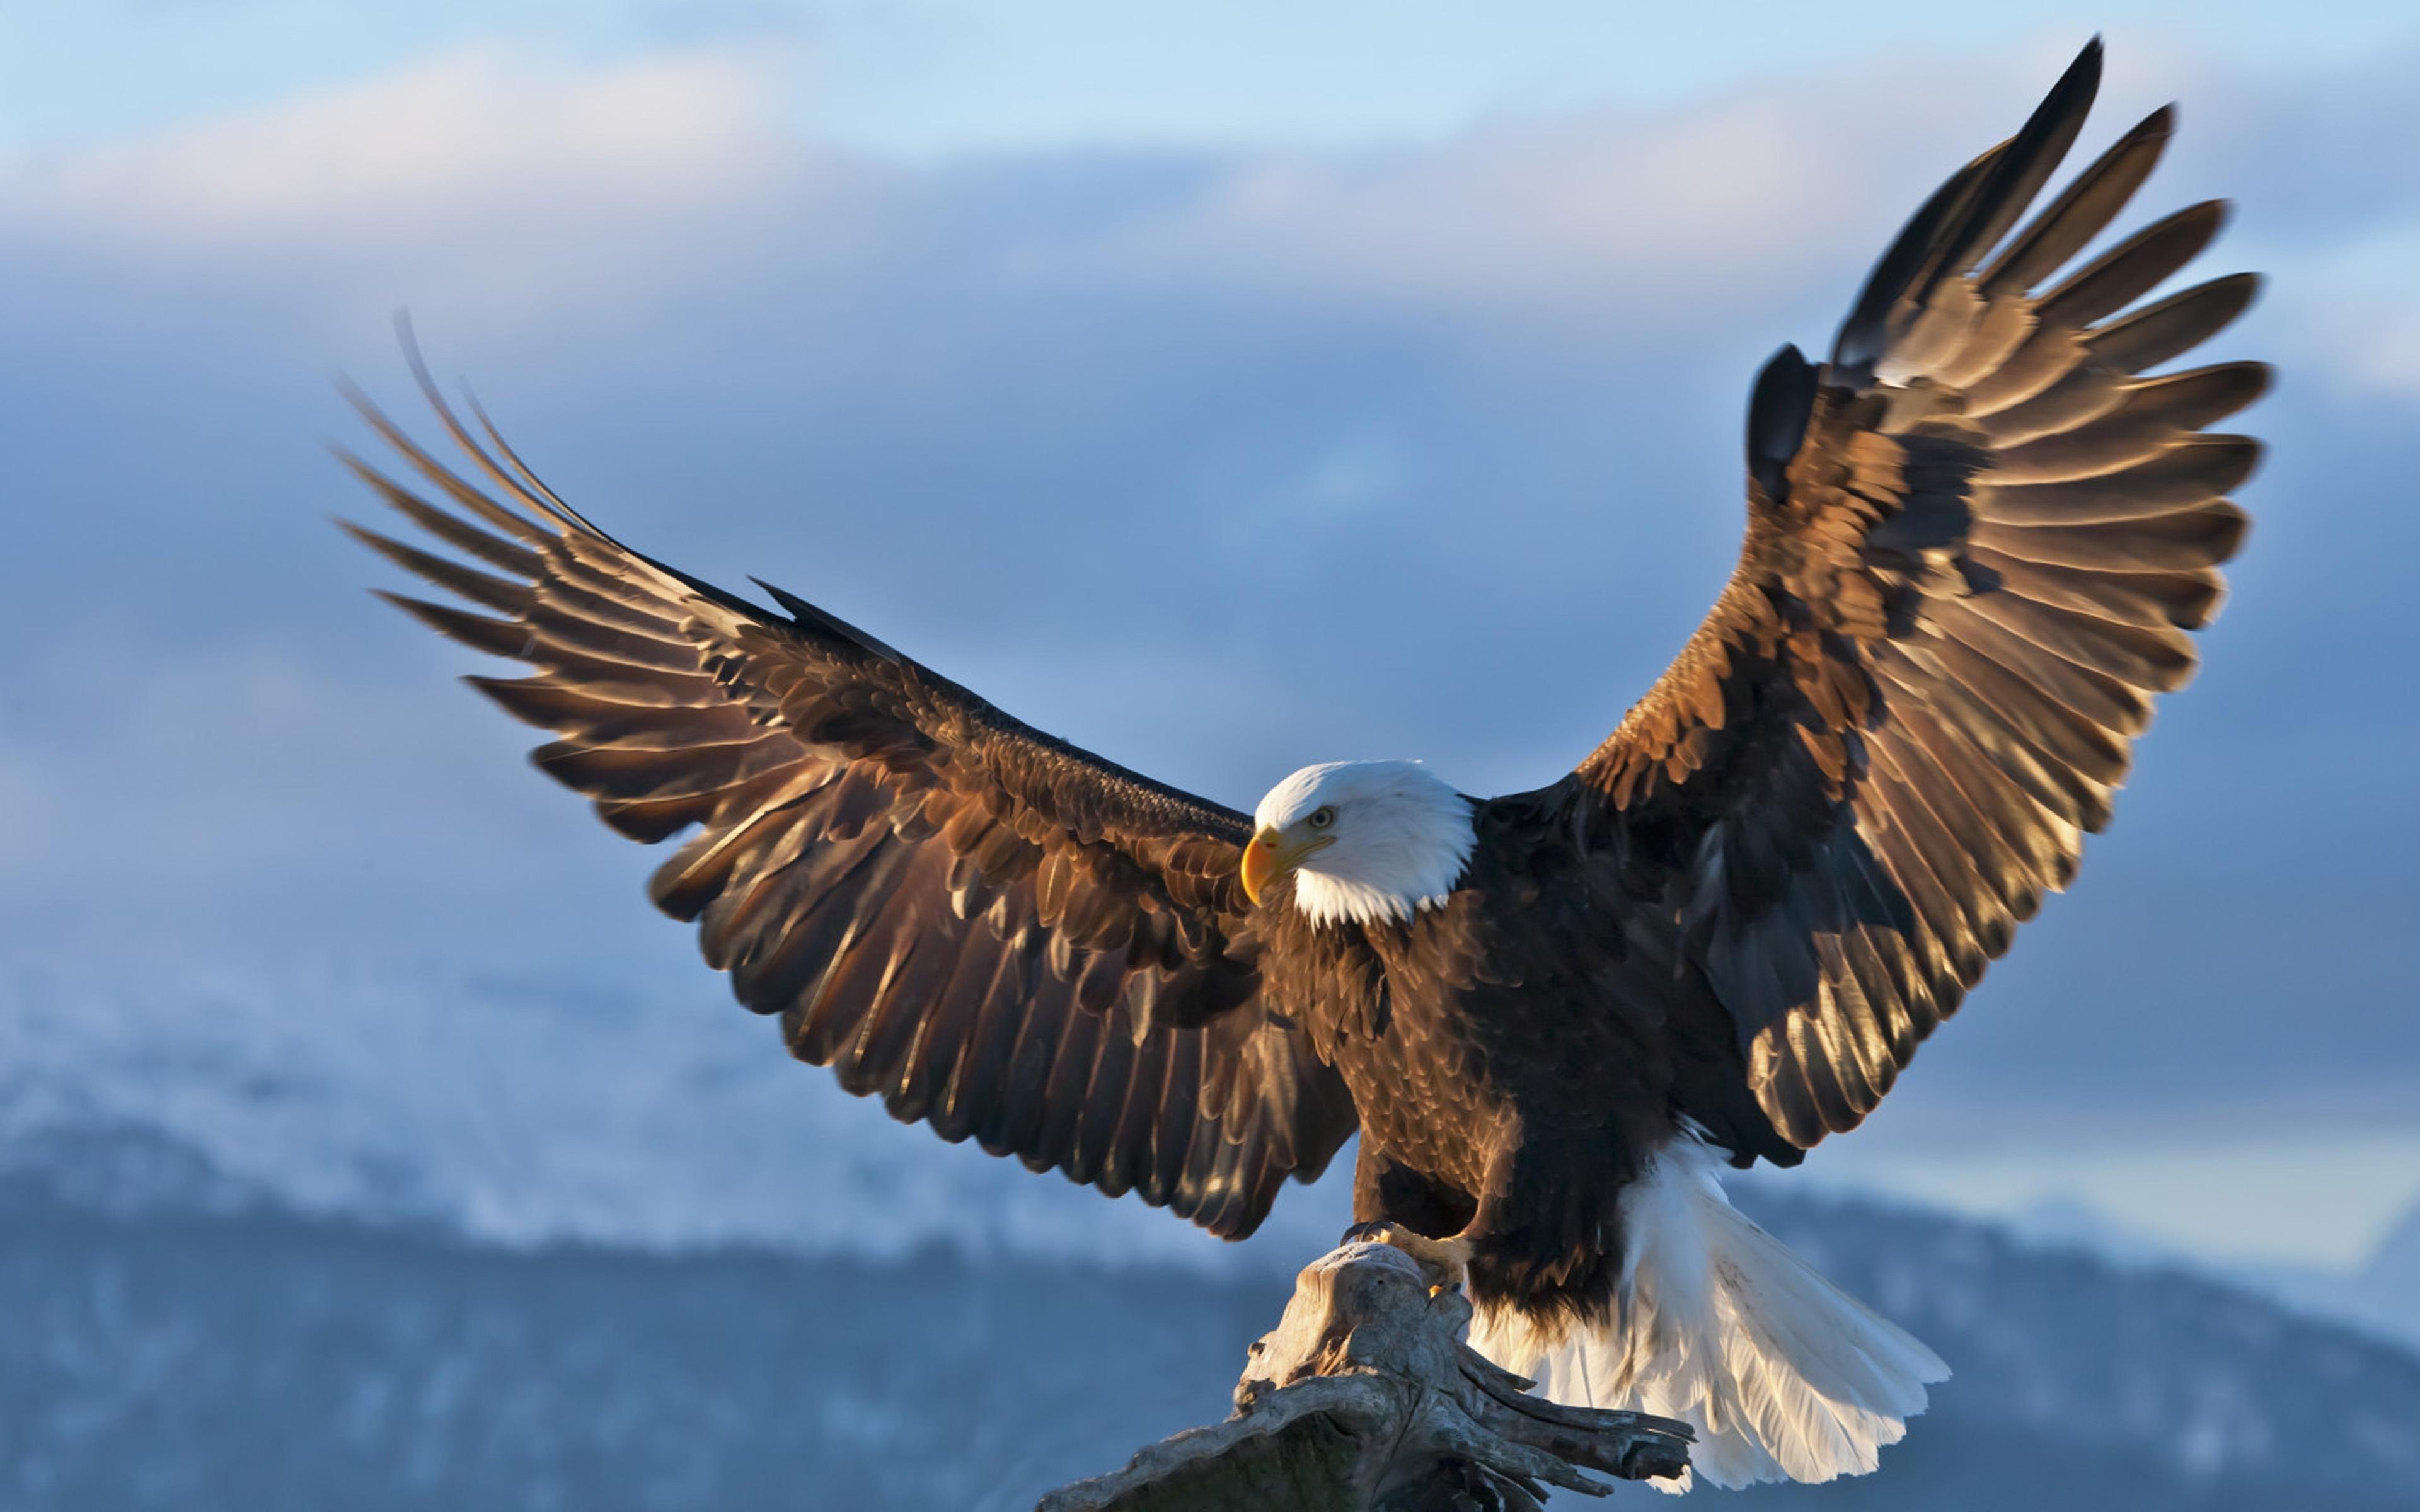 bald eagle dark sky spread wings wallpaper hd : wallpapers13